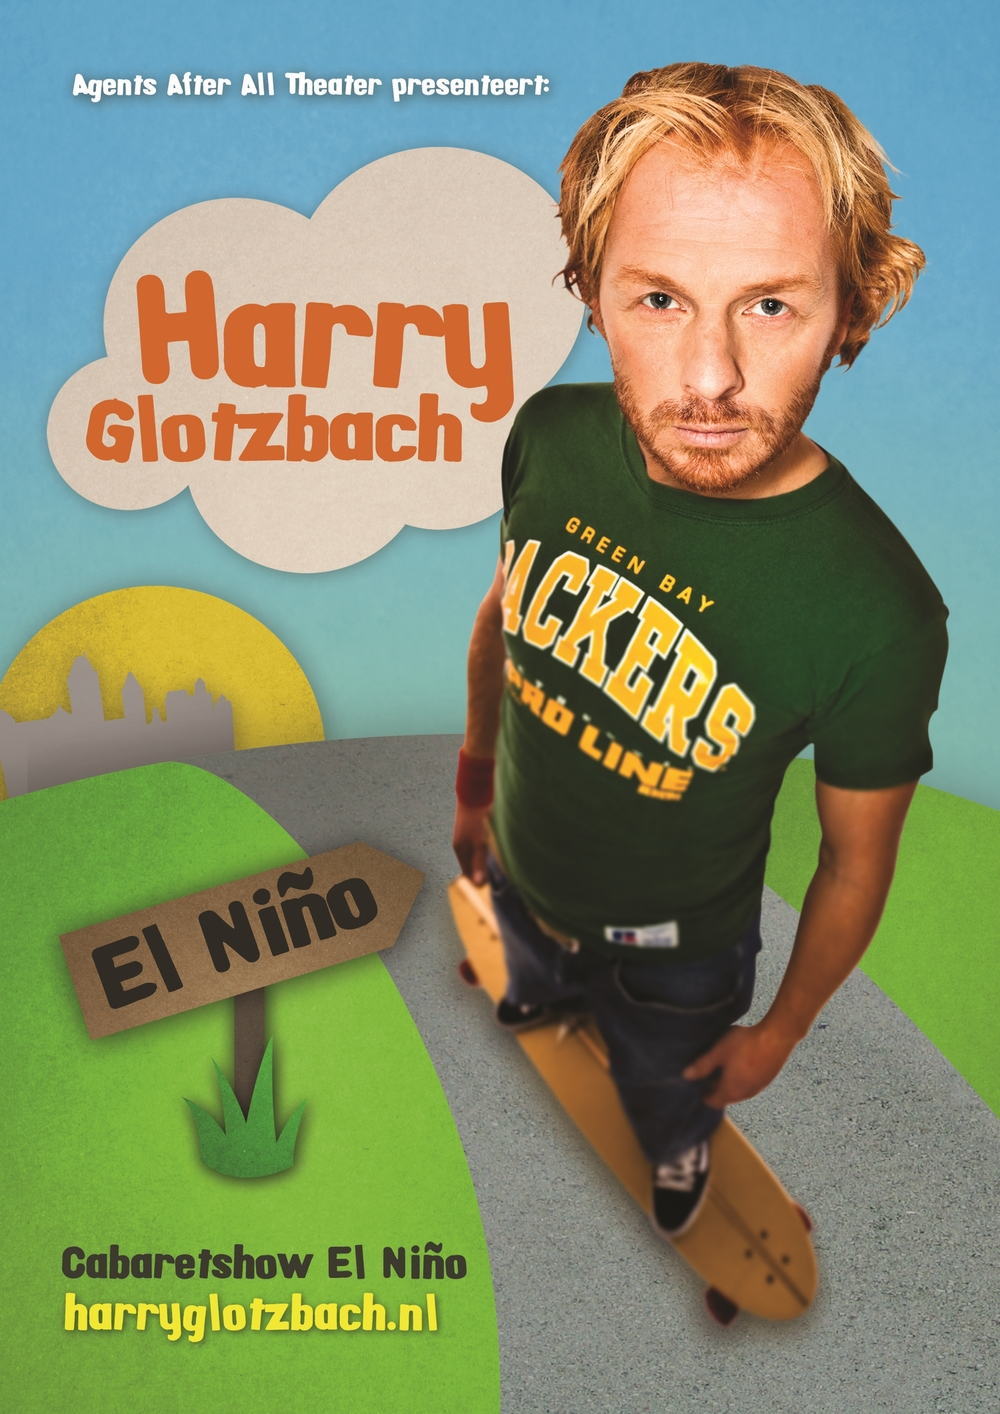 Harry-Glotzbach-El-Nino-Flyer.jpg